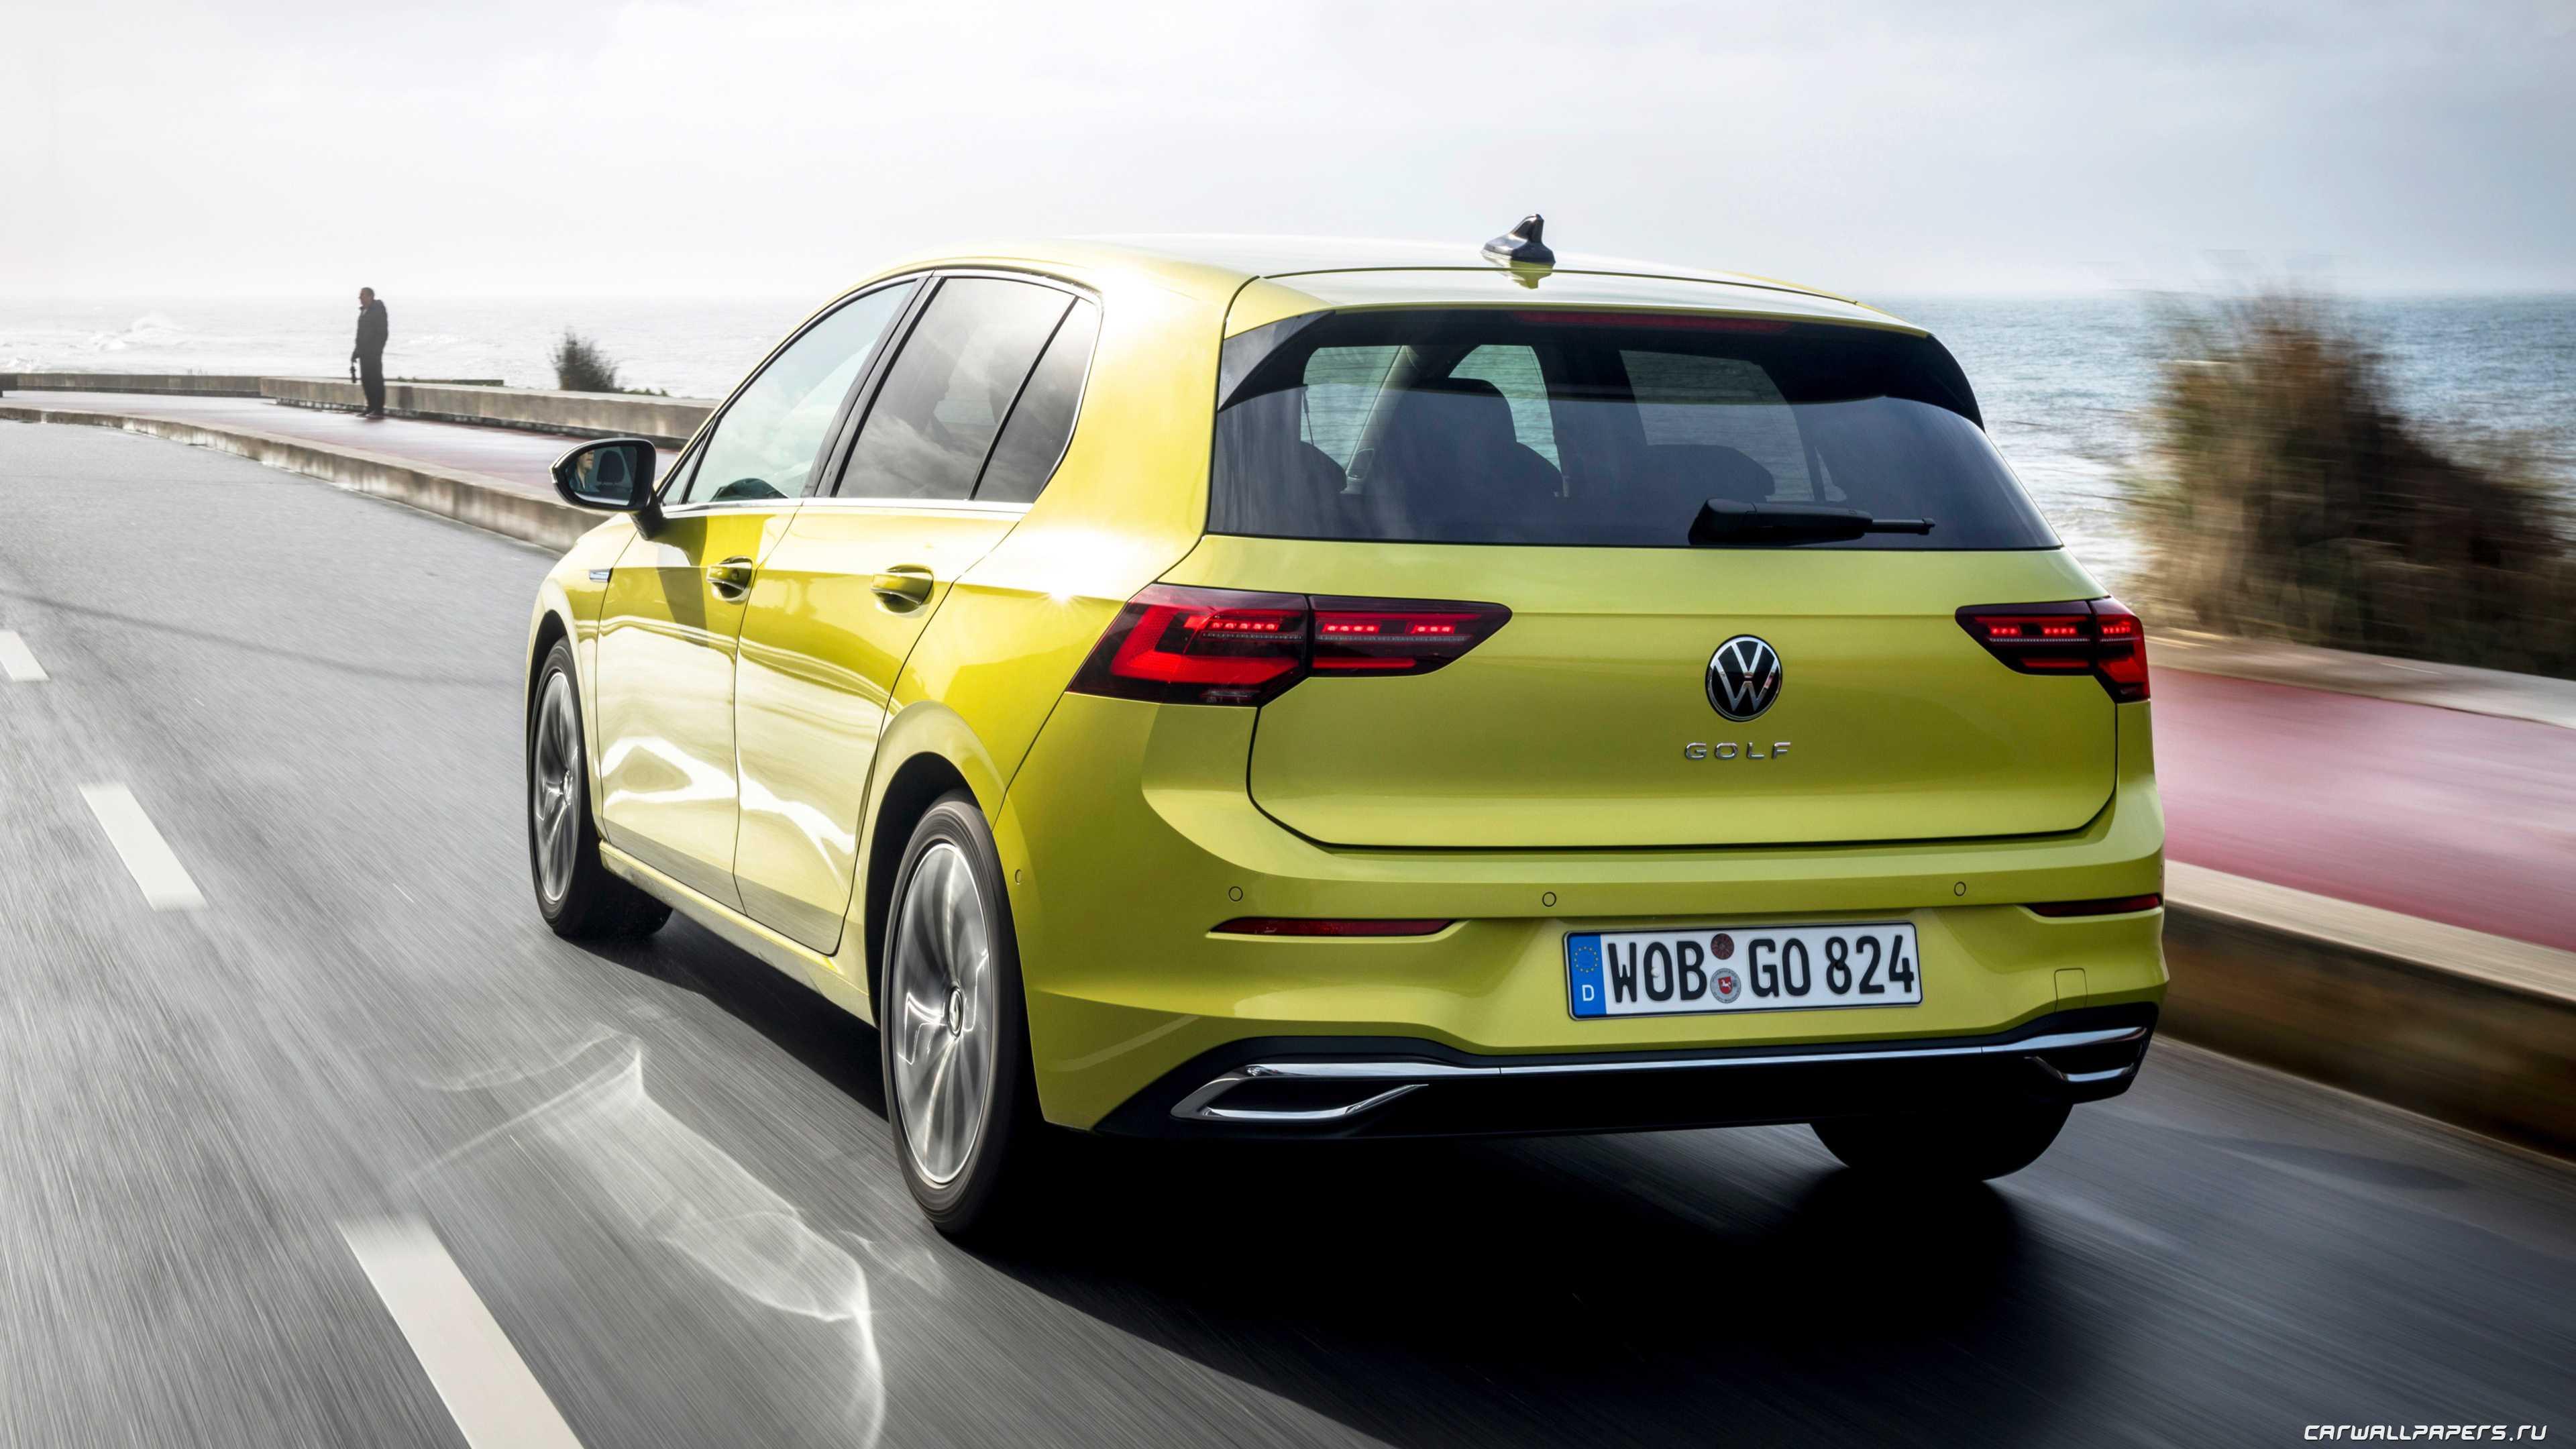 Новый volkswagen golf 8 2020, обзор, характеристики, комплектации, двигатель и трансмиссия, старт продаж